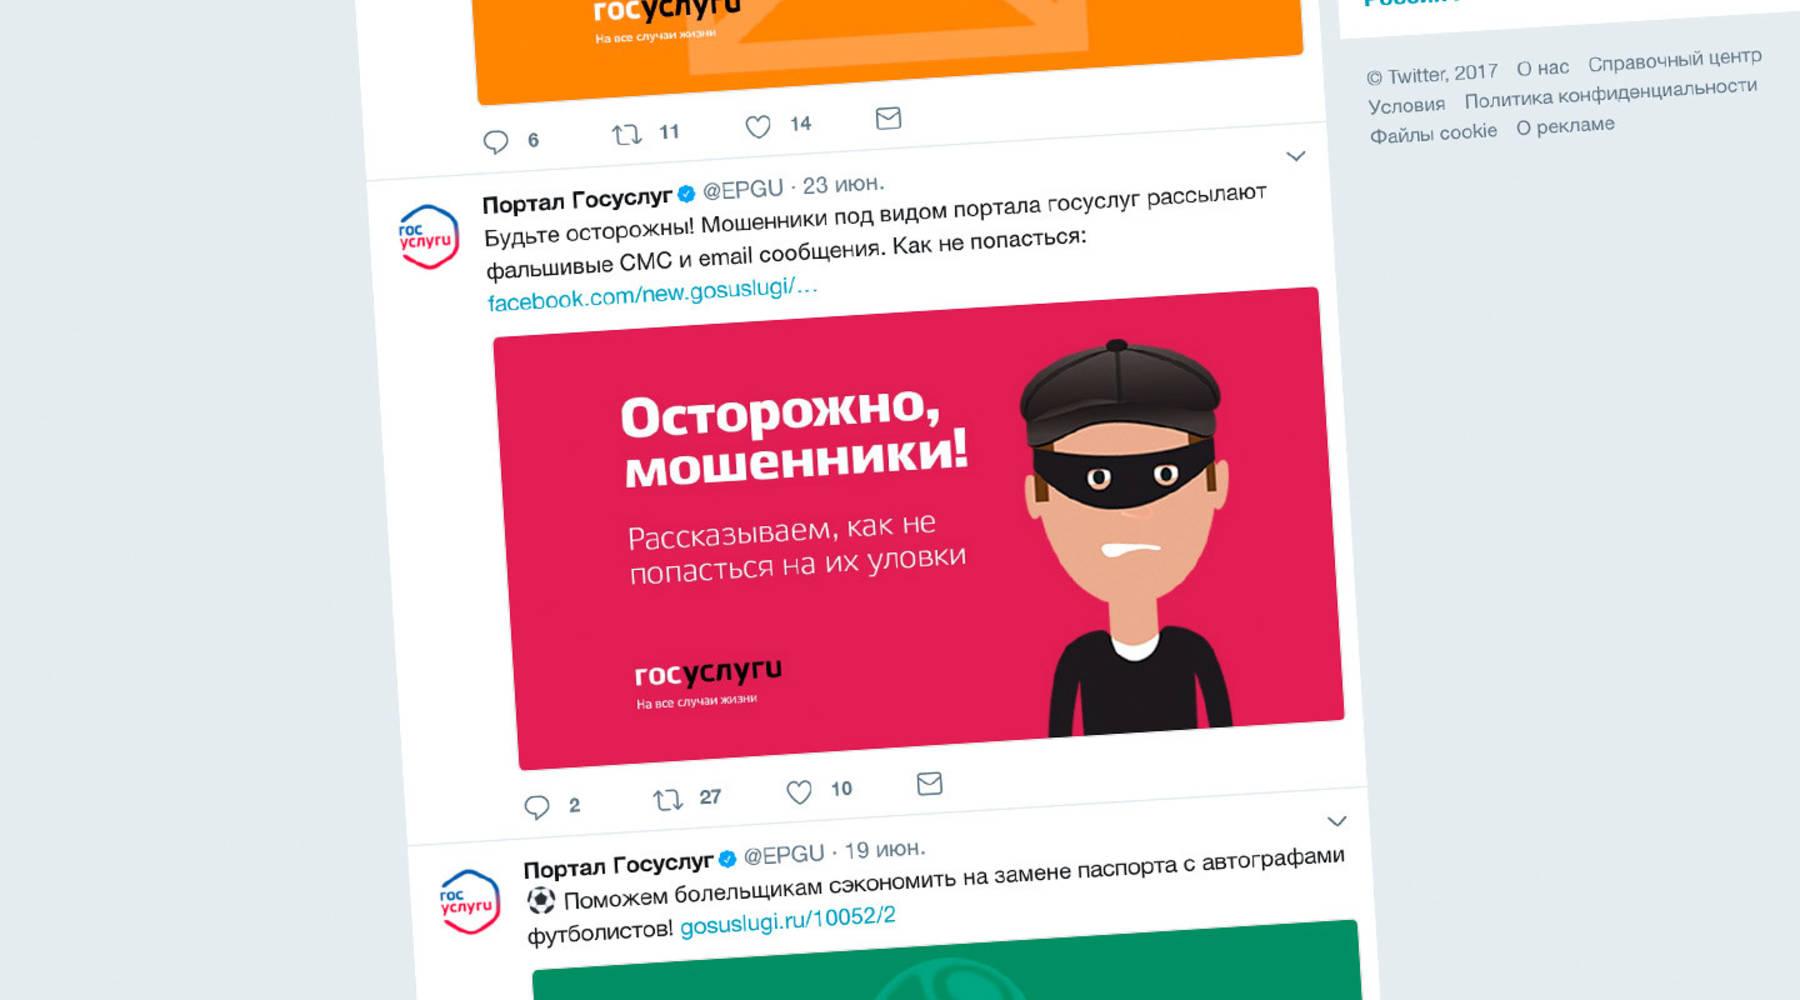 Россиян предупредили о мошенничестве с авиабилетами и соцвыплатами